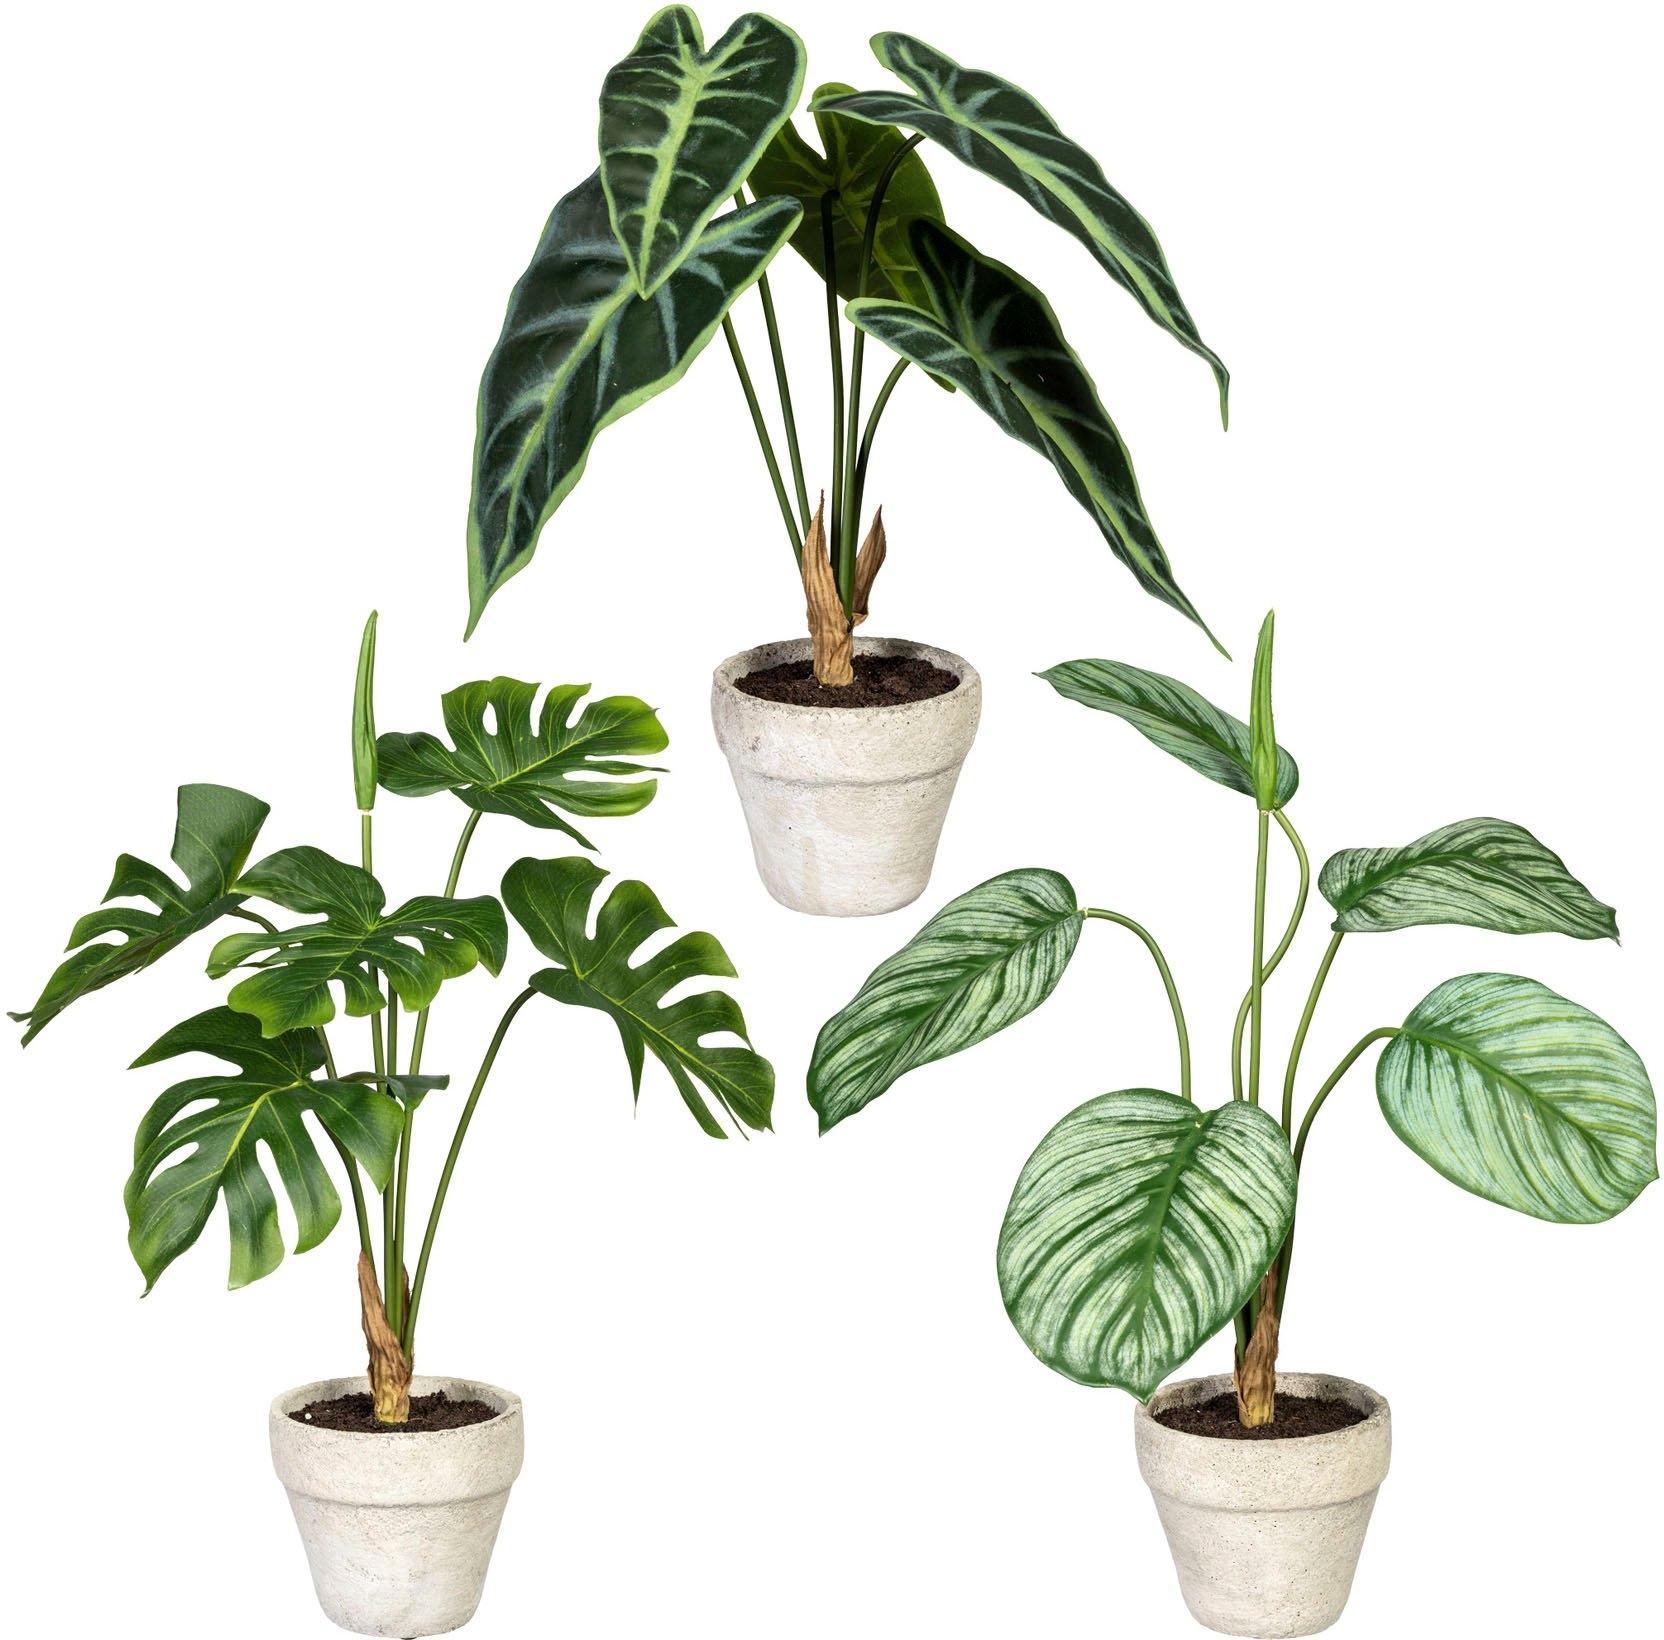 Creativ green kunst-potplanten Set van groene planten in een cementpot, set van 3 (3 stuks) bestellen: 30 dagen bedenktijd